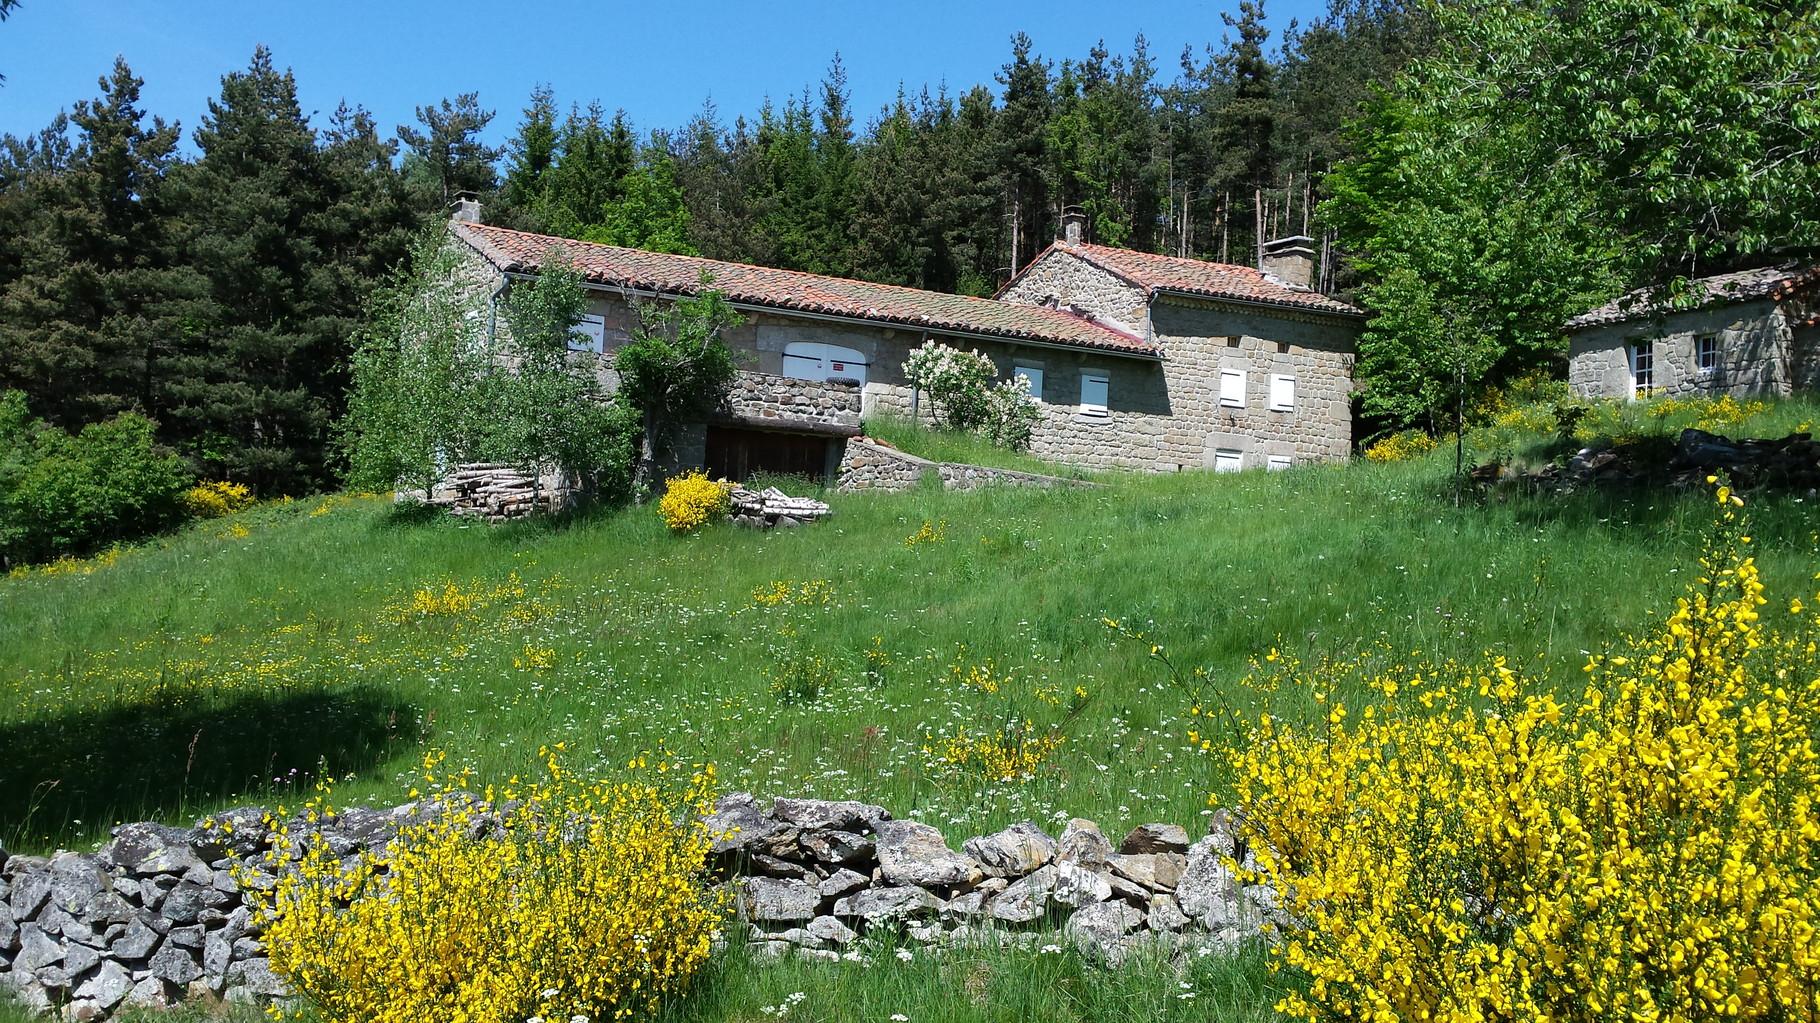 Une maison en pierre de la Margeride, séjour adultes Auvergne Centre La Margeride